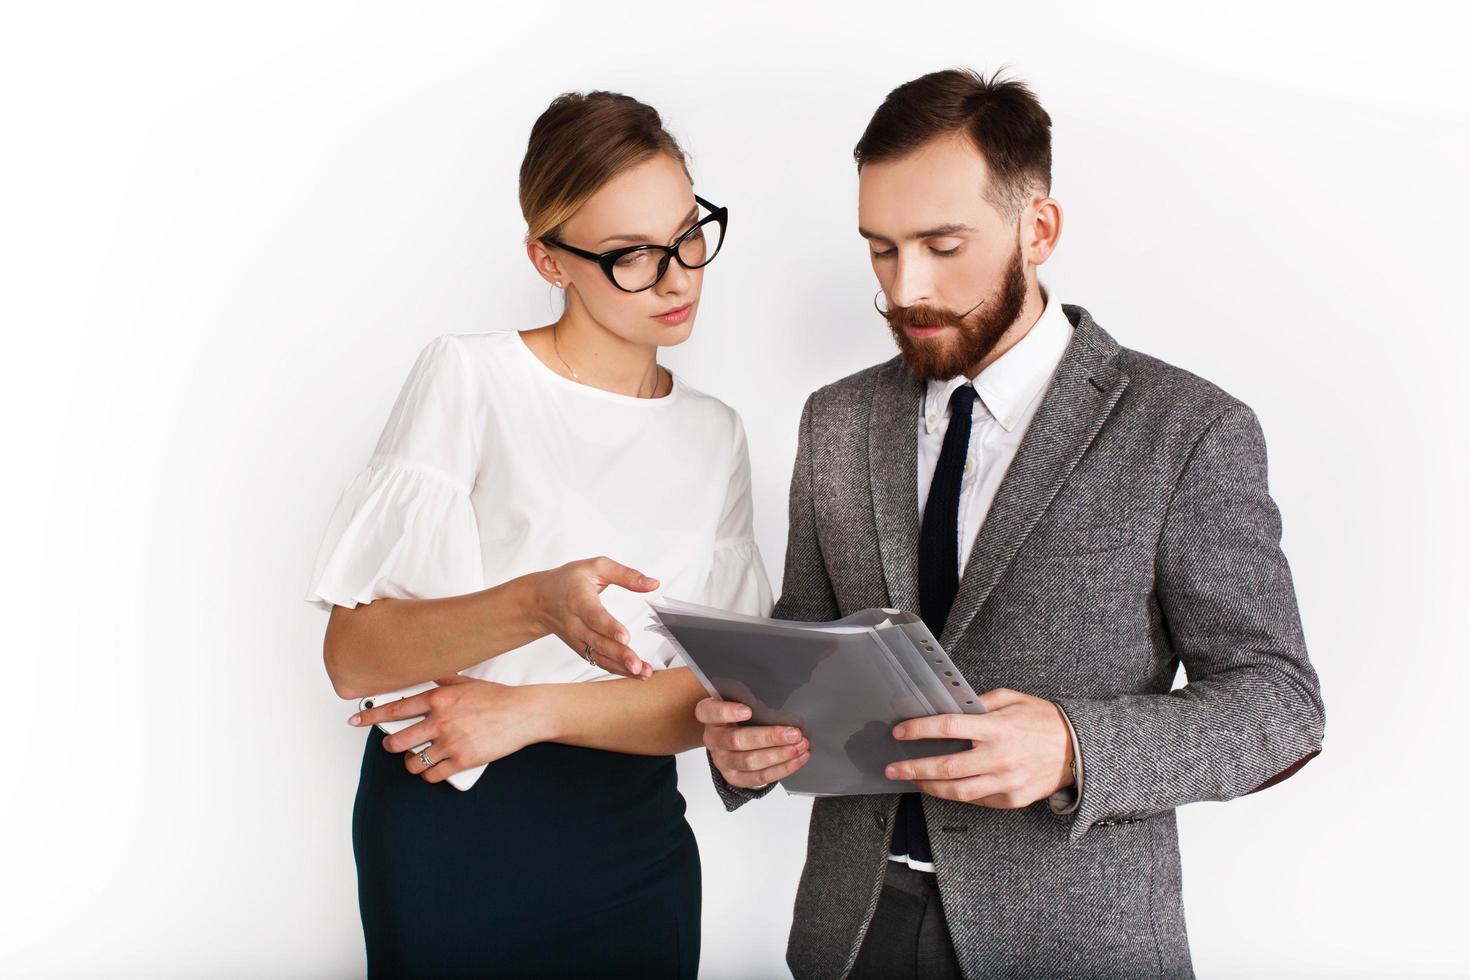 homme et femme habillés en débat de style bureau sur la paperasse photo